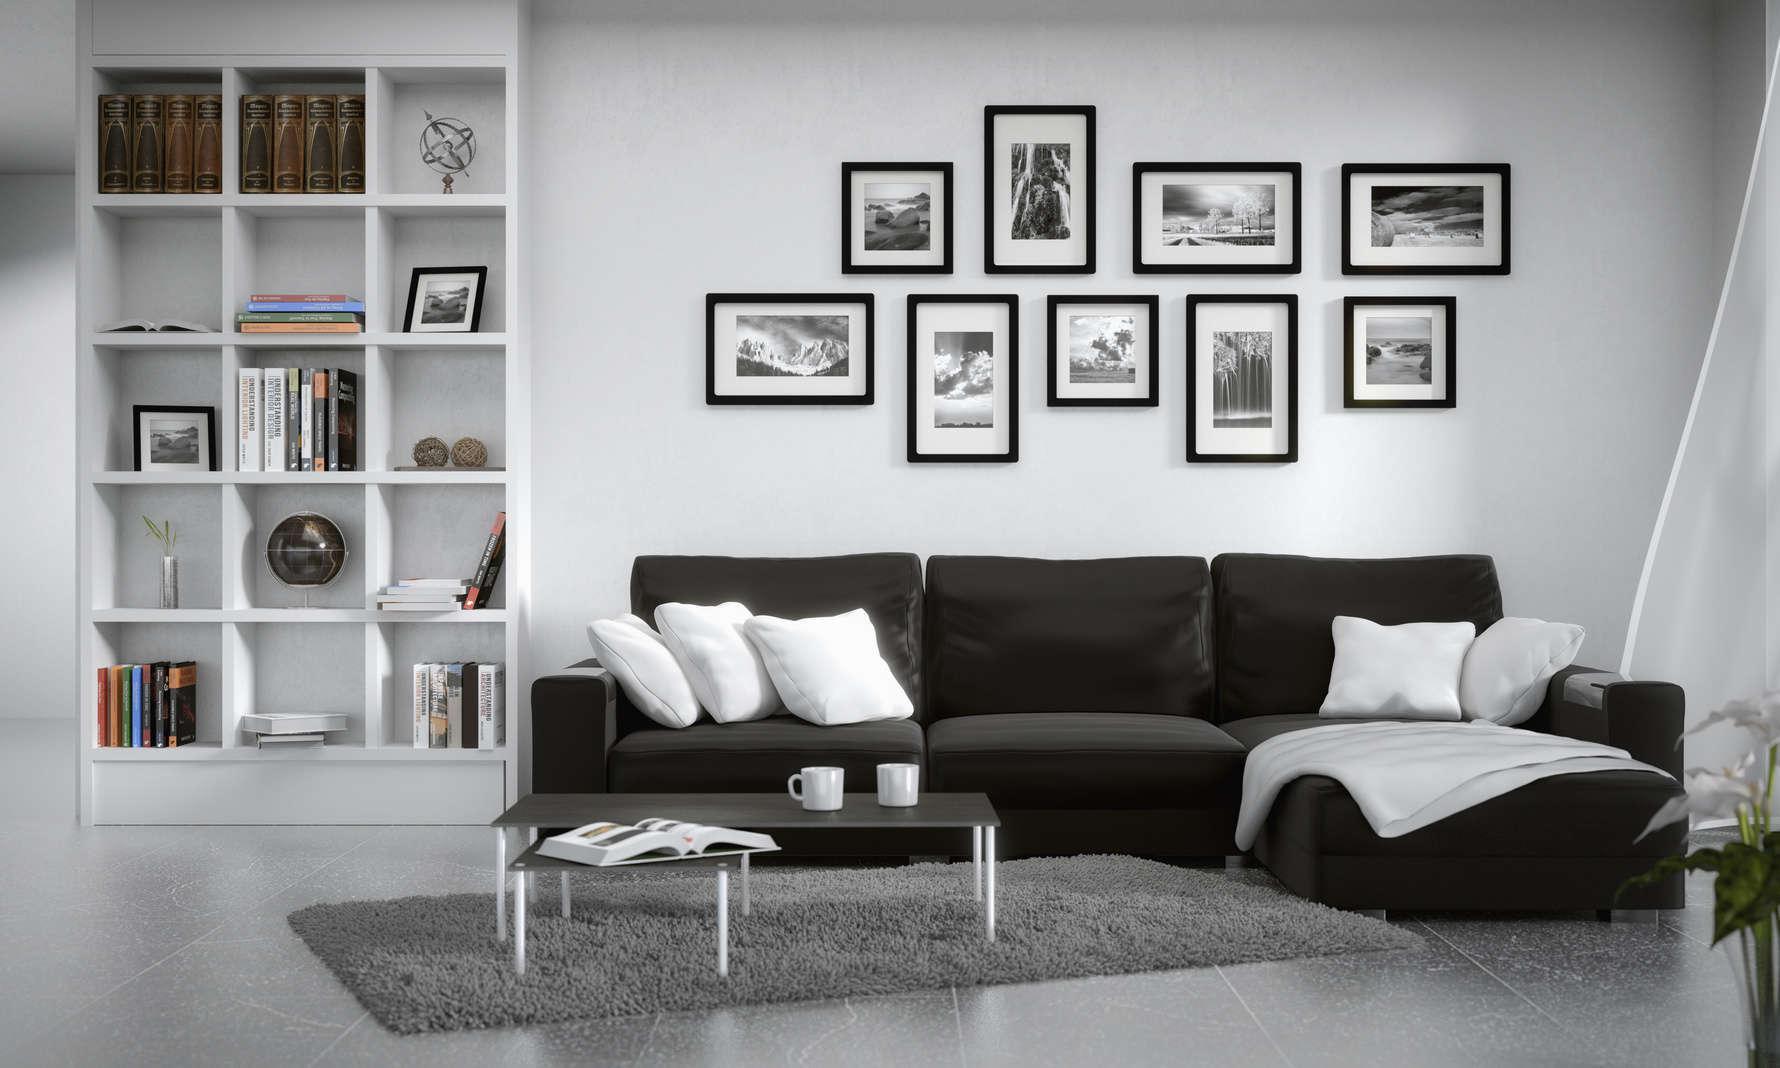 Decorazione pareti cucina best decorazioni pareti interne - Adesivi per pareti interne ...